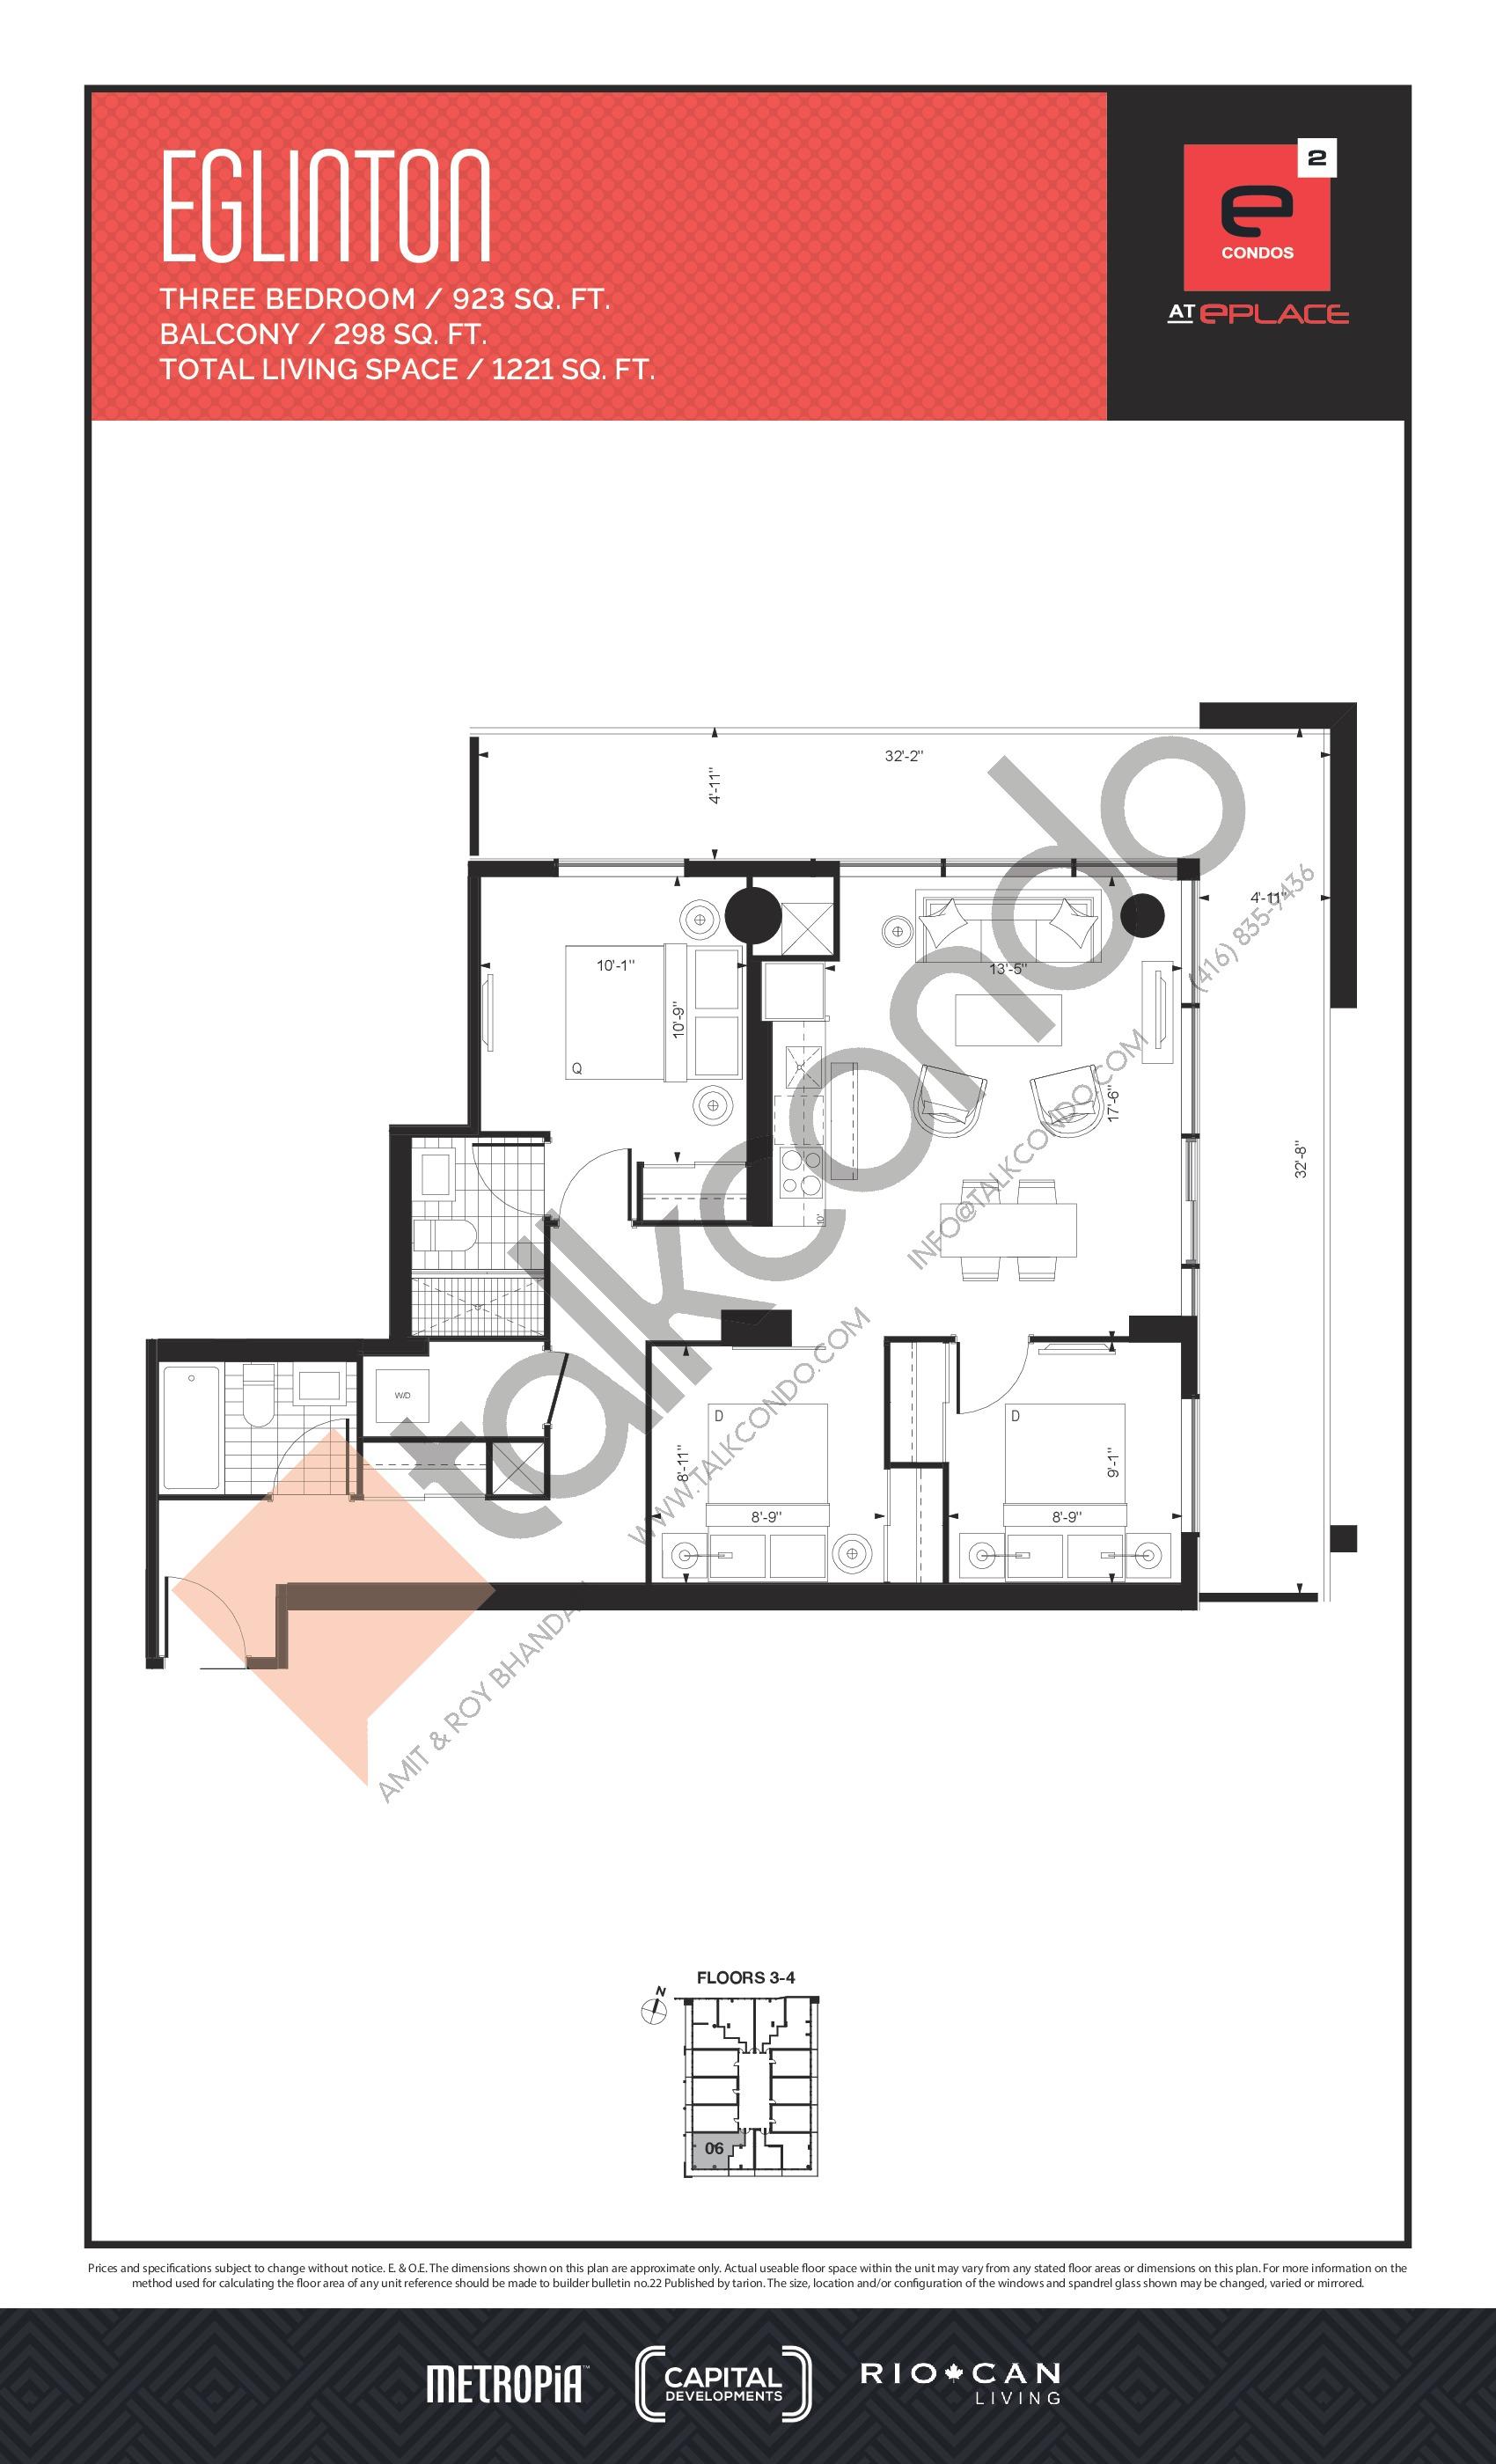 Eglinton Floor Plan at E2 Condos - 923 sq.ft